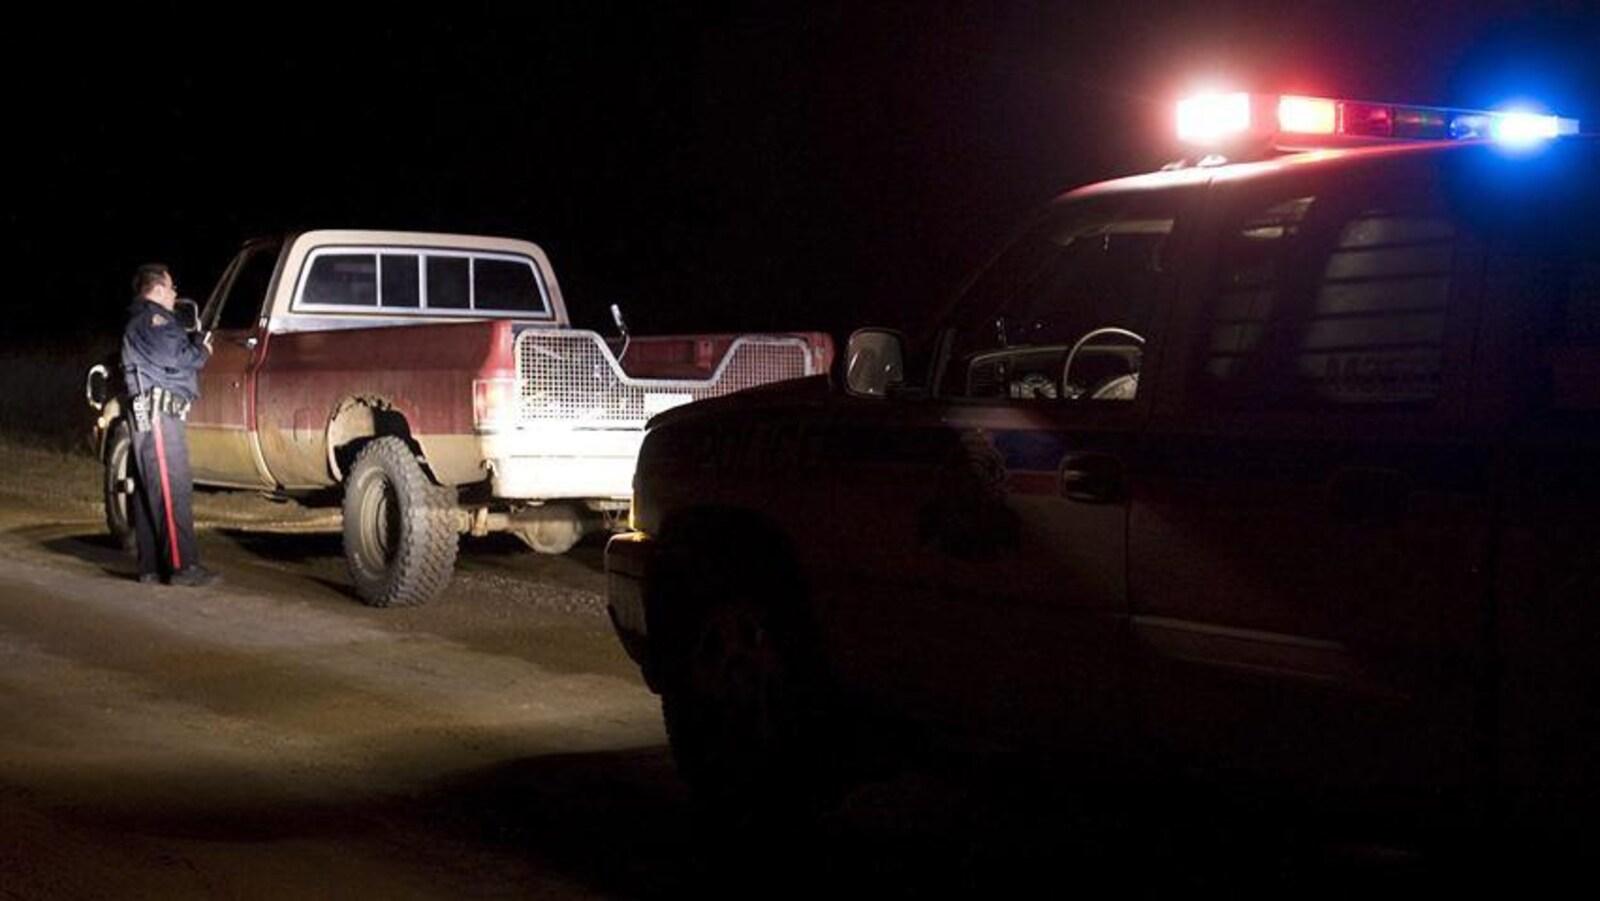 Un contrôle de véhicule de nuit, sur une route en terre. Un véhicule de police au gyrophares allumés éclaire une camionnette à plateau arrêtée sur le bas côté. Un policier debout à côté de ce véhicule semble parler au conducteur.